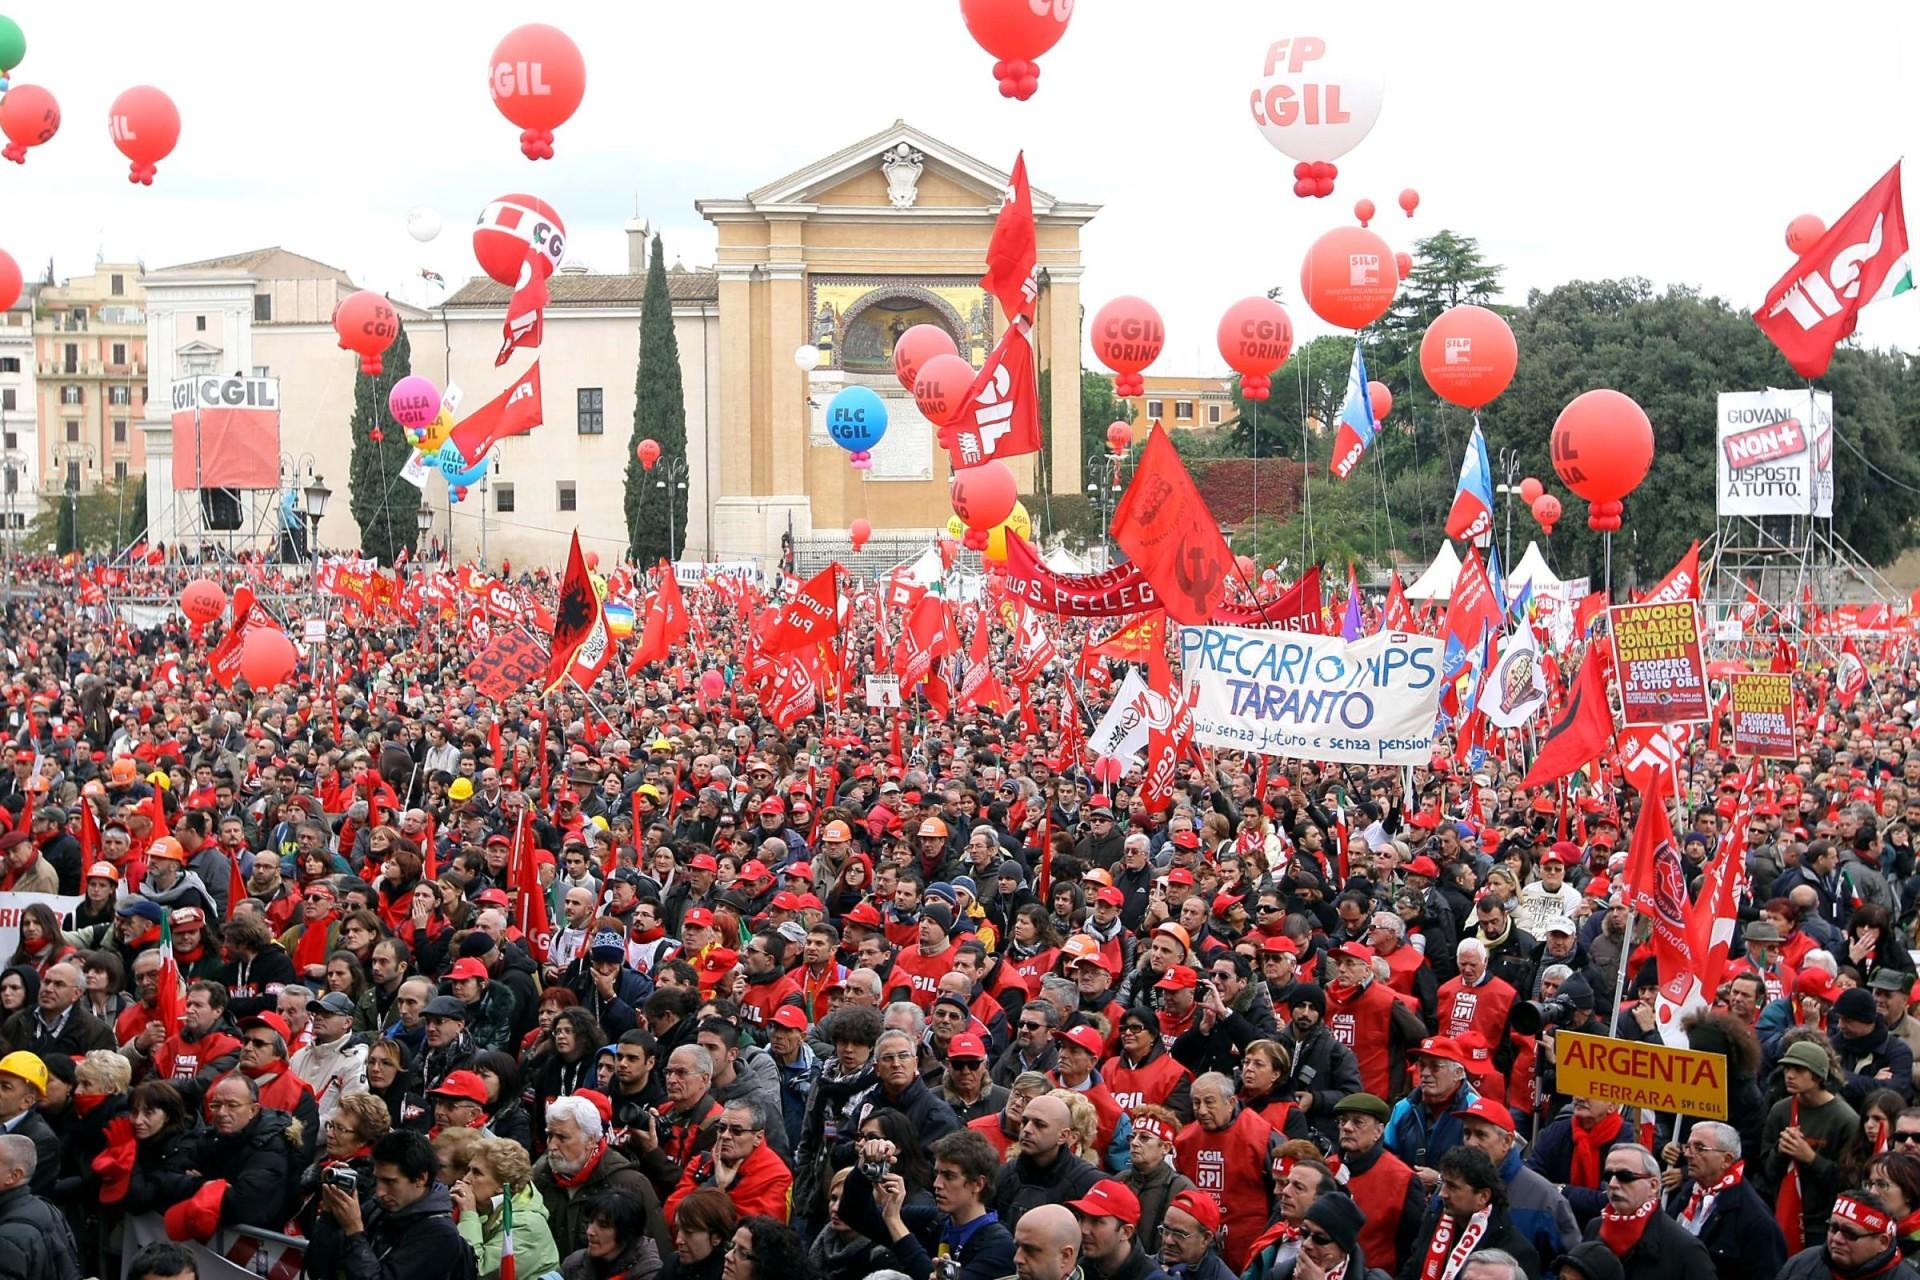 Cgil-giornata-no-stop-a-roma-lavoro